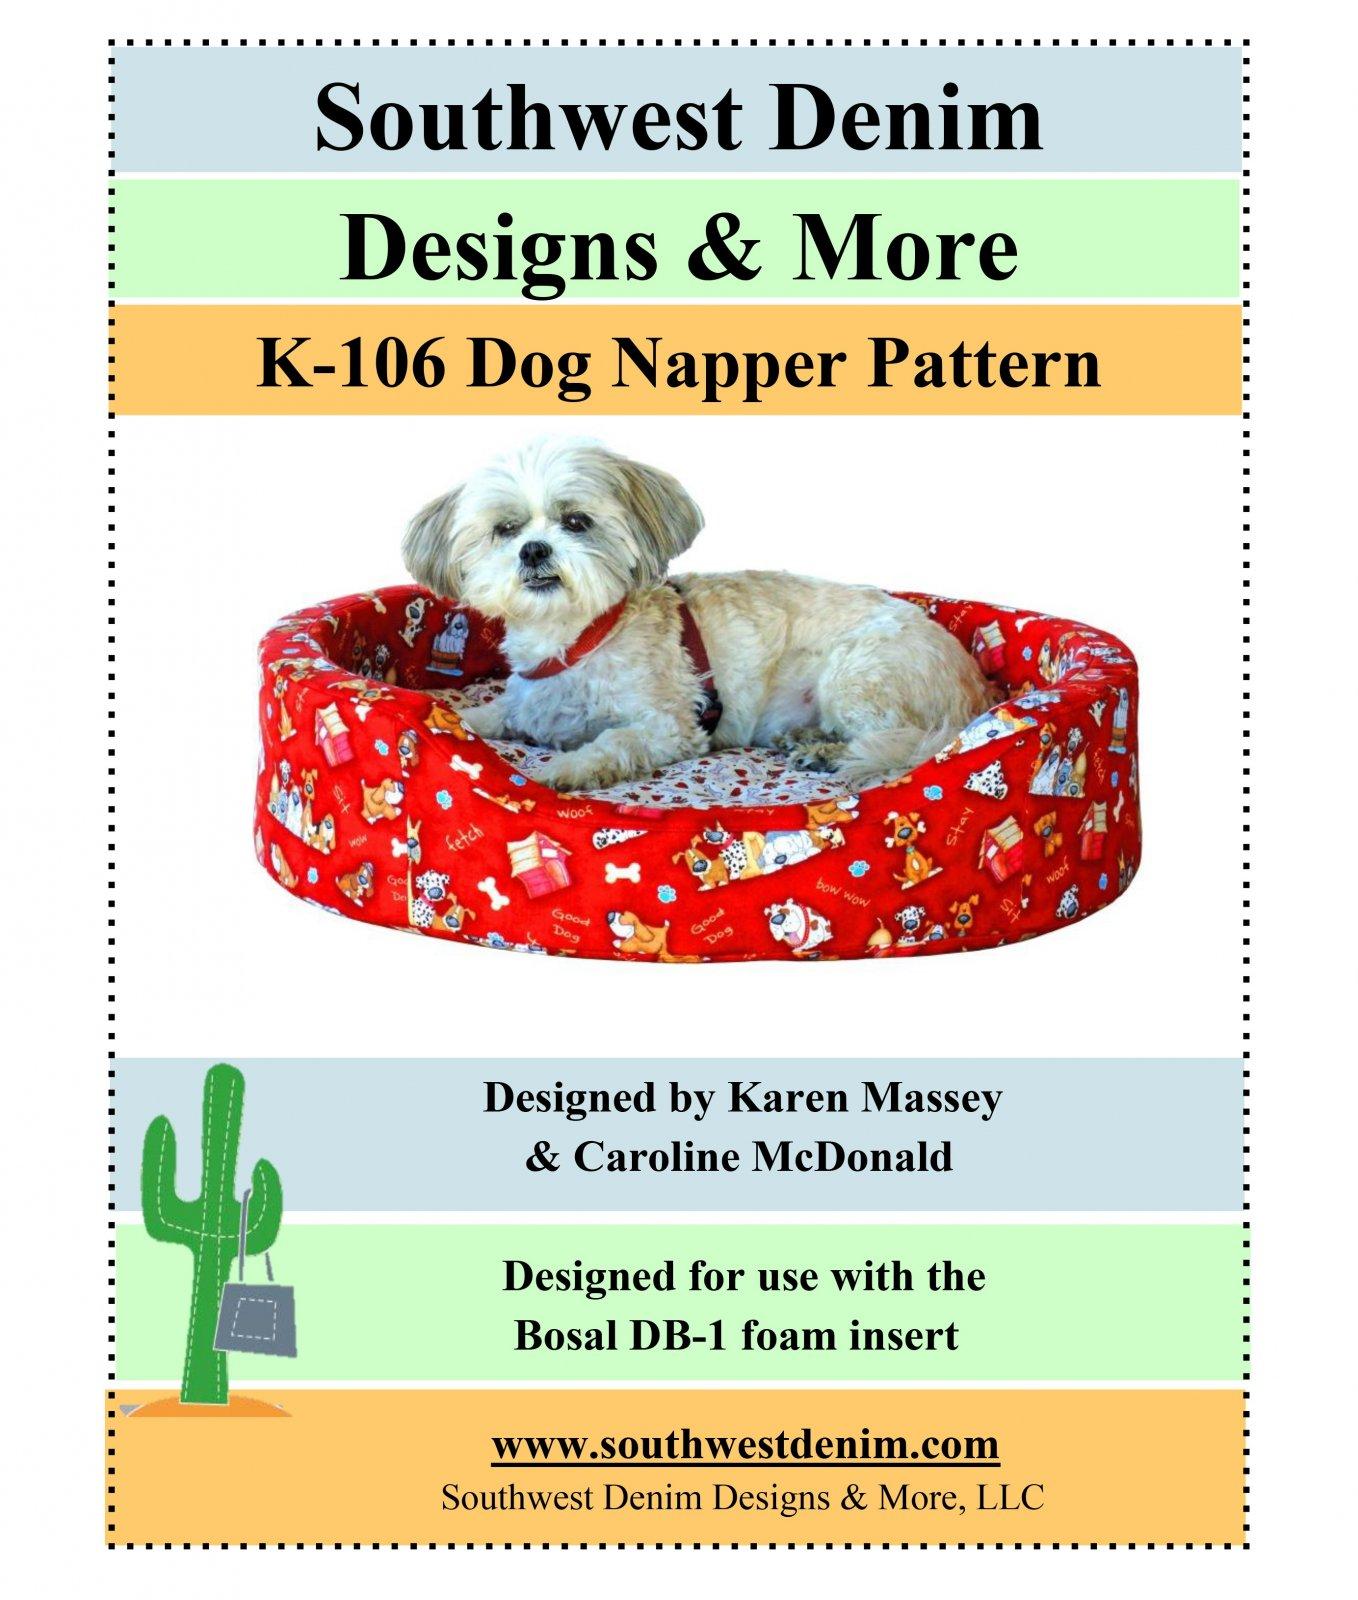 Dog Napper Pattern